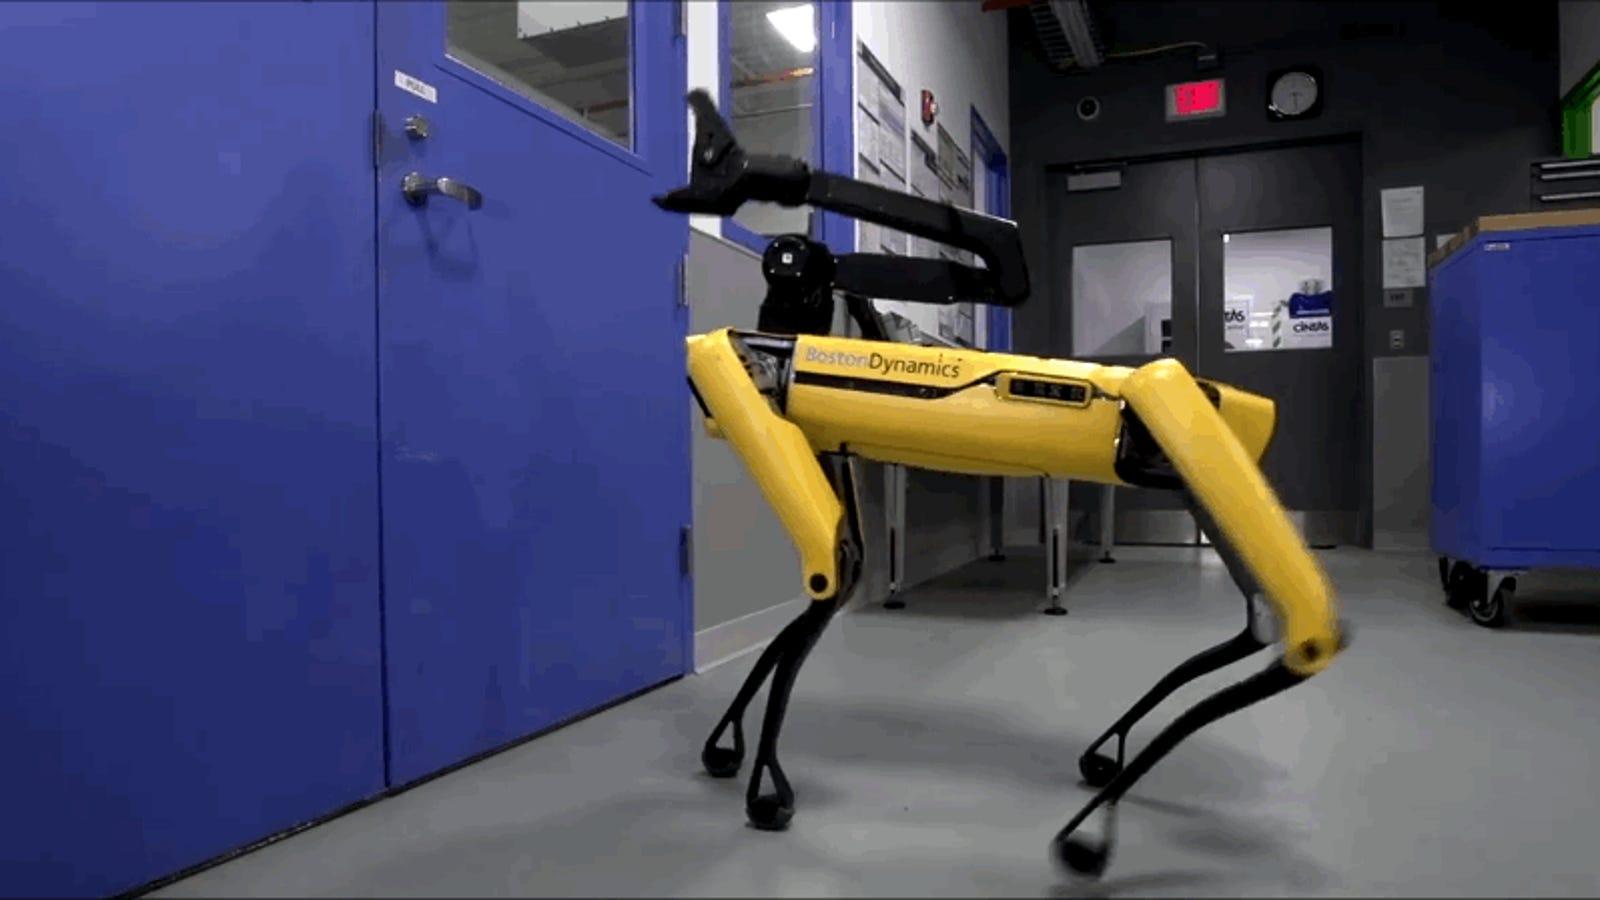 Técnicamente, los robots de Boston Dynamics ya pueden escapar en grupo: ahora abren puertas para salir